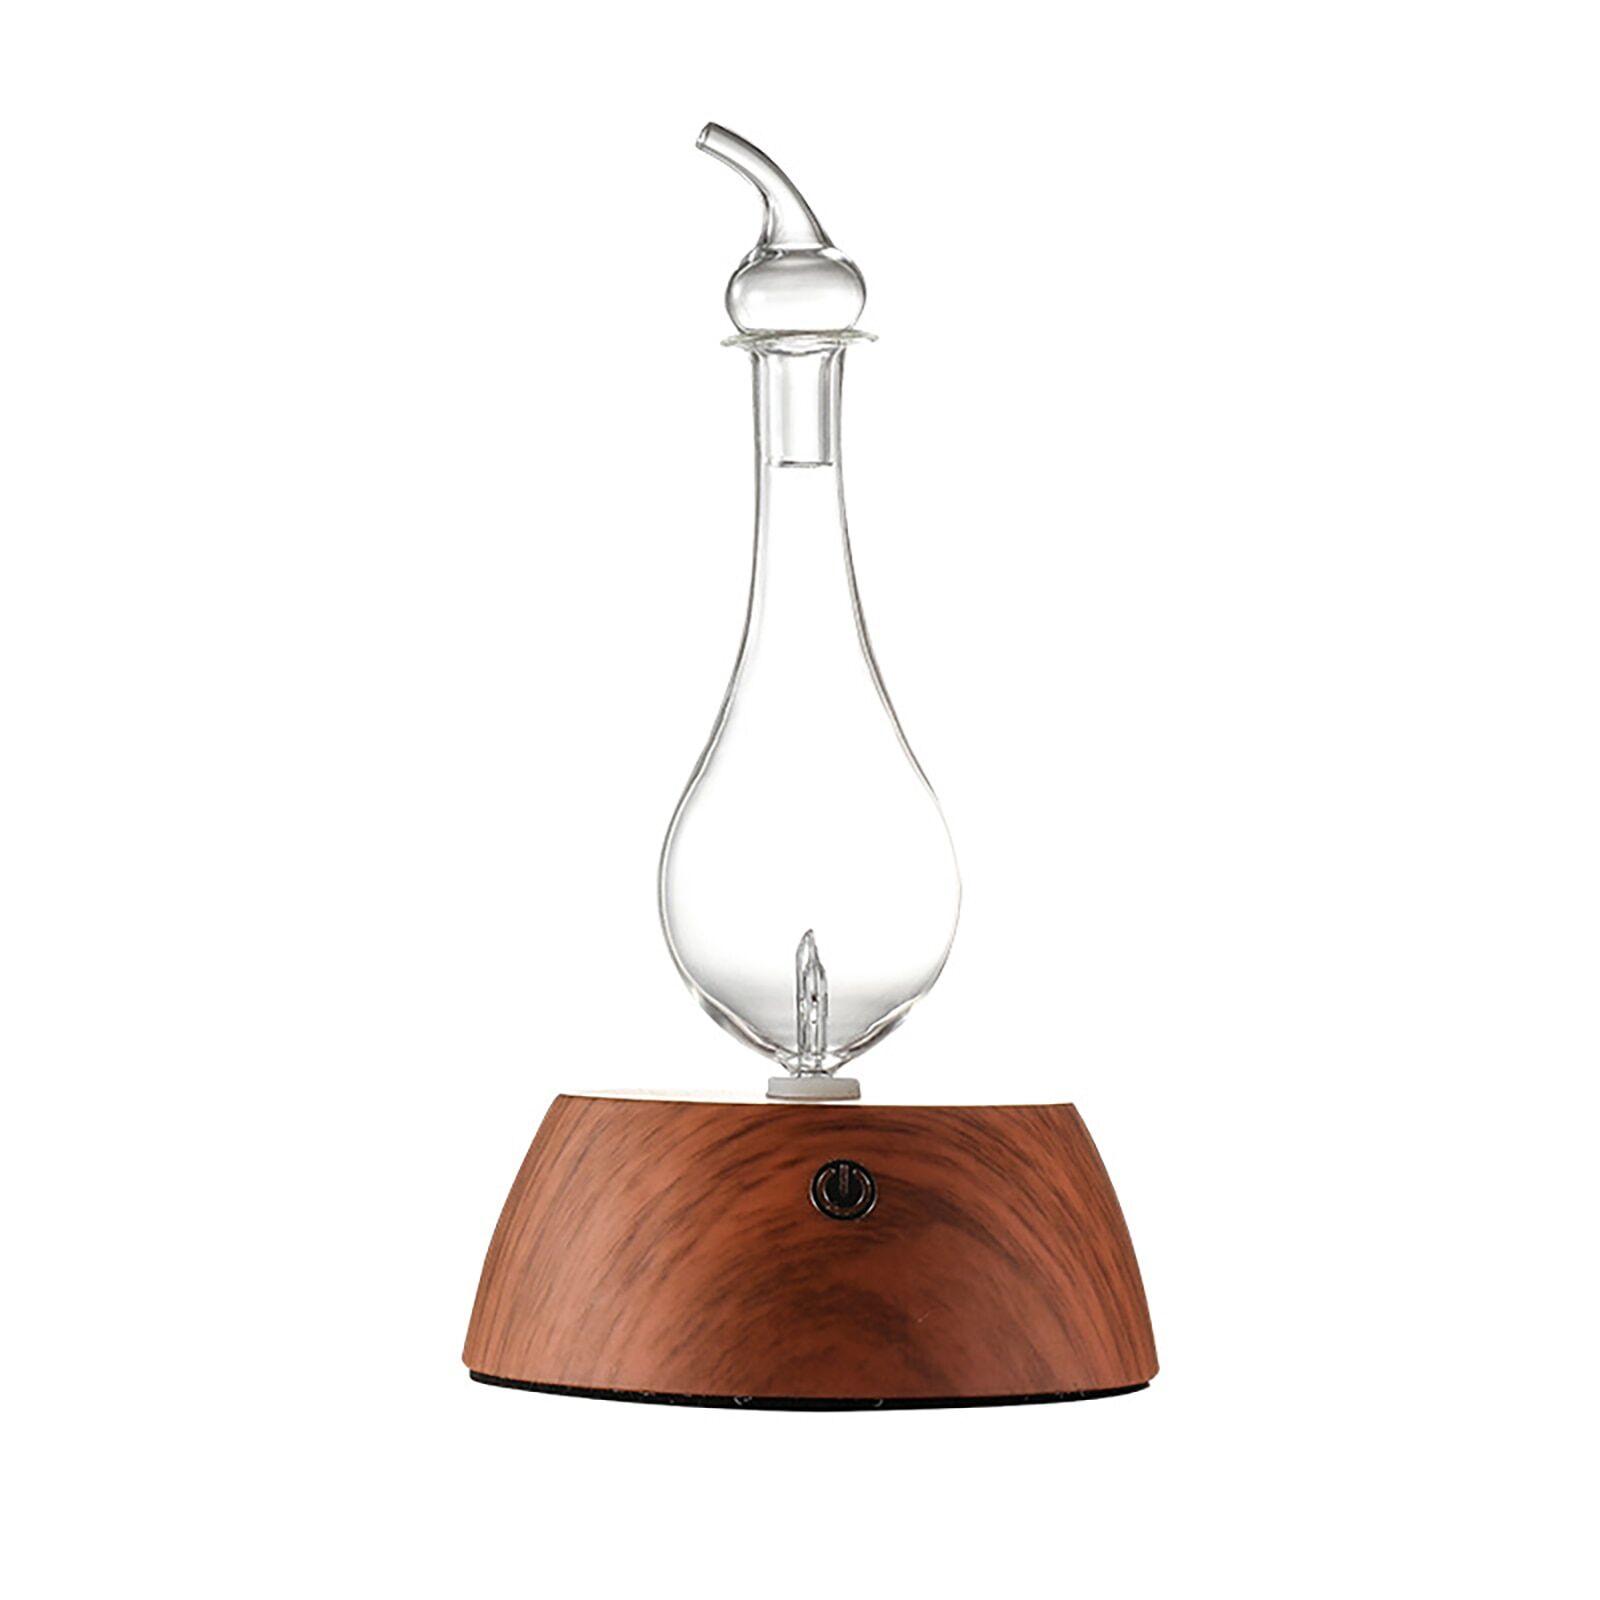 AliExpress Diffuseur d'huile essentielle pour aromathérapie, 20ml, Grain de bois, télécommande, humidificateur